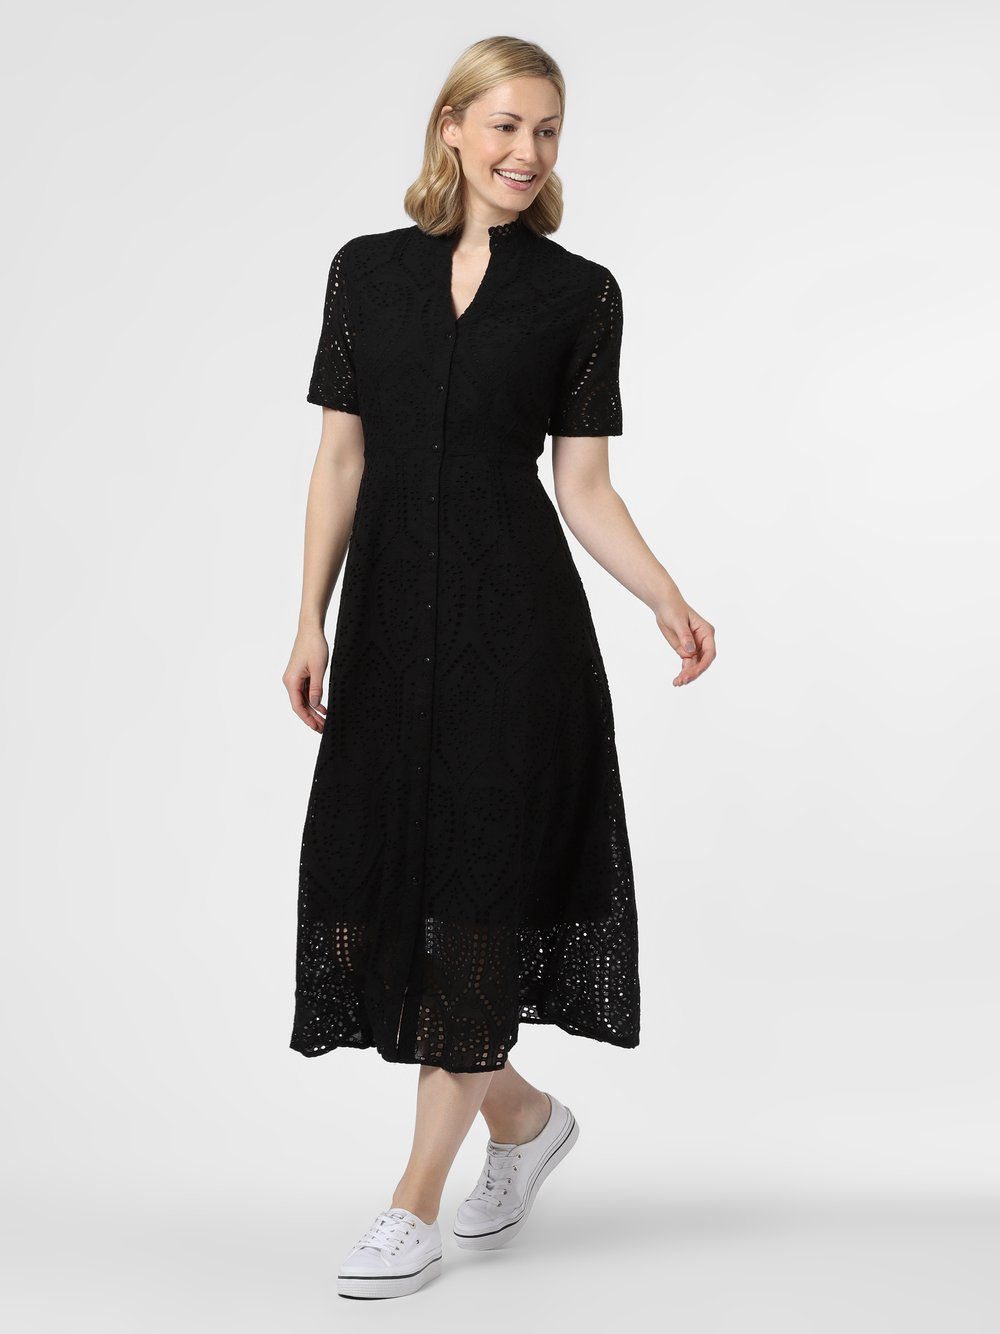 Y.A.S – Sukienka damska – YASHoli, czarny Van Graaf 474306-0002-09960